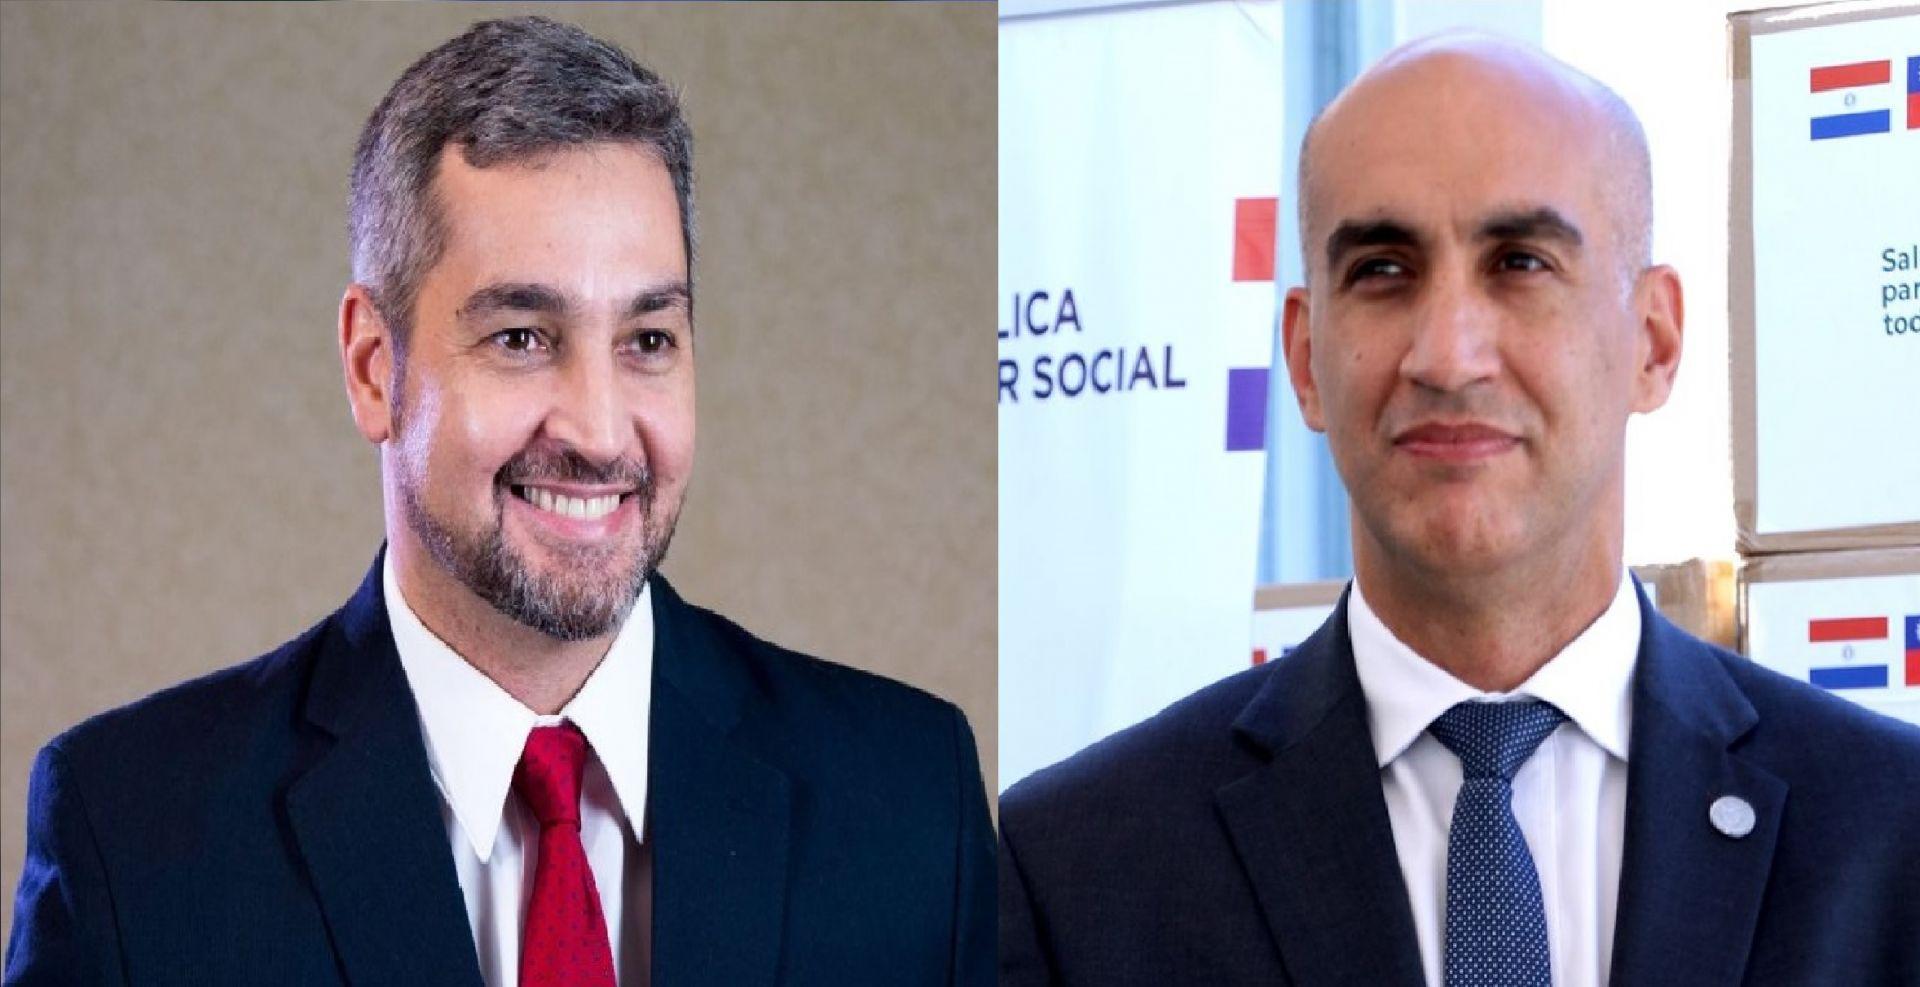 Marito y Mazzoleni. El diario Folha de Sao Paulo resalta las medidas oportunas de las autoridades paraguayas.